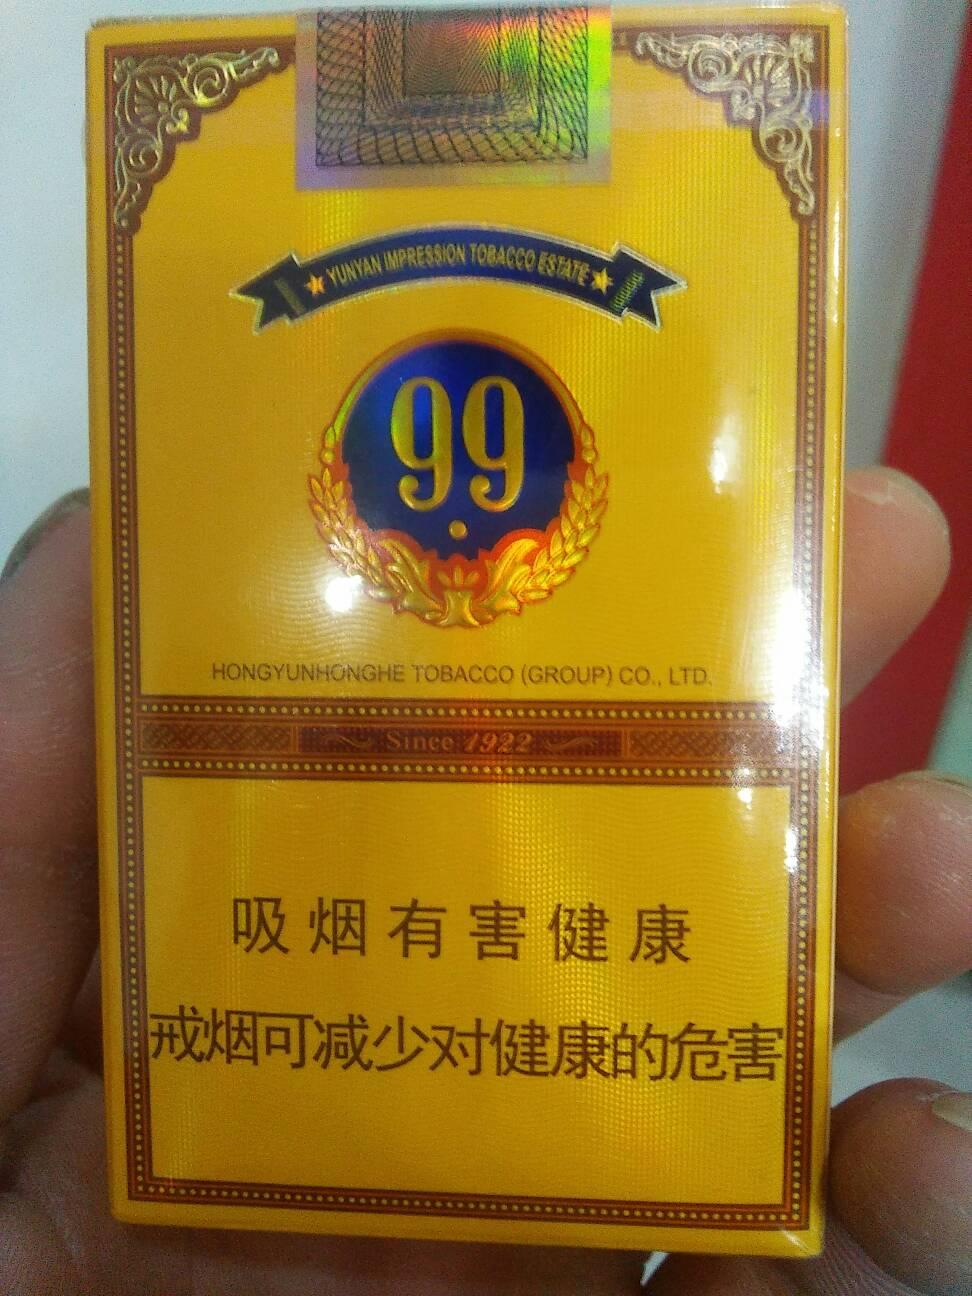 泰国大重九香烟价格_这种香烟大概多少钱一包,_百度知道